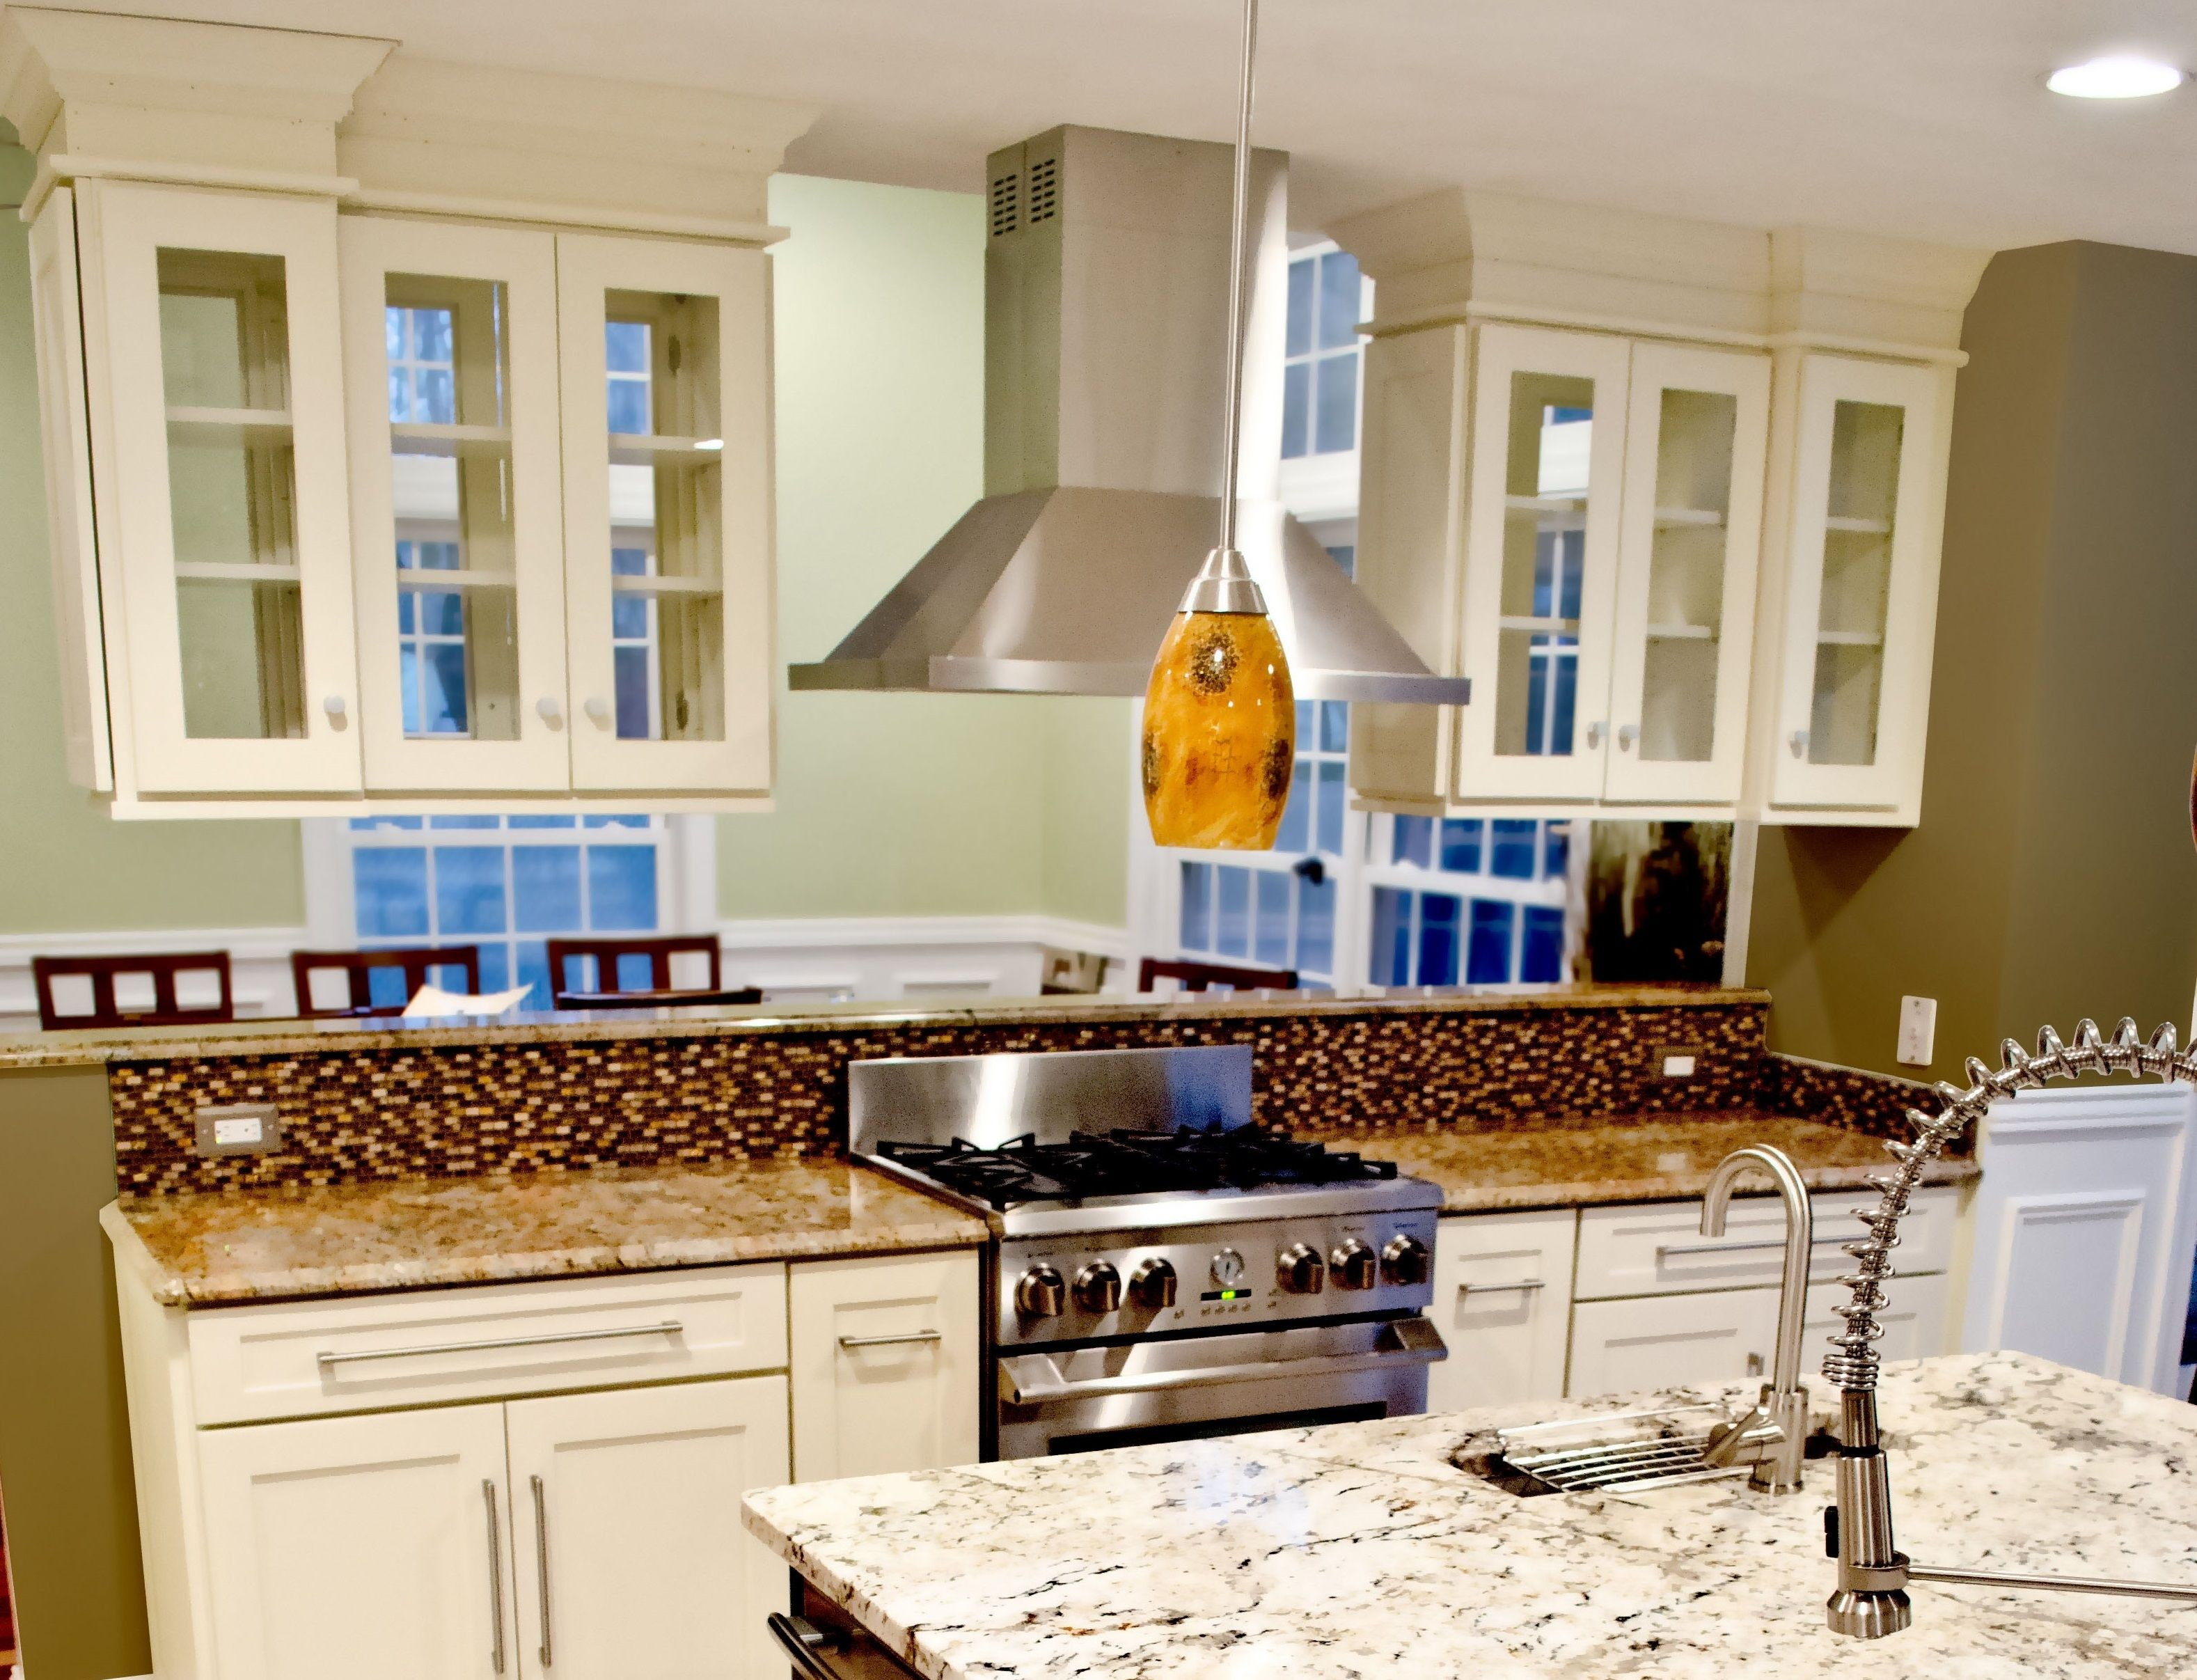 Schön Weiße Küchenschränke Benutzerdefinierte Hiw6 Wohnzimmer